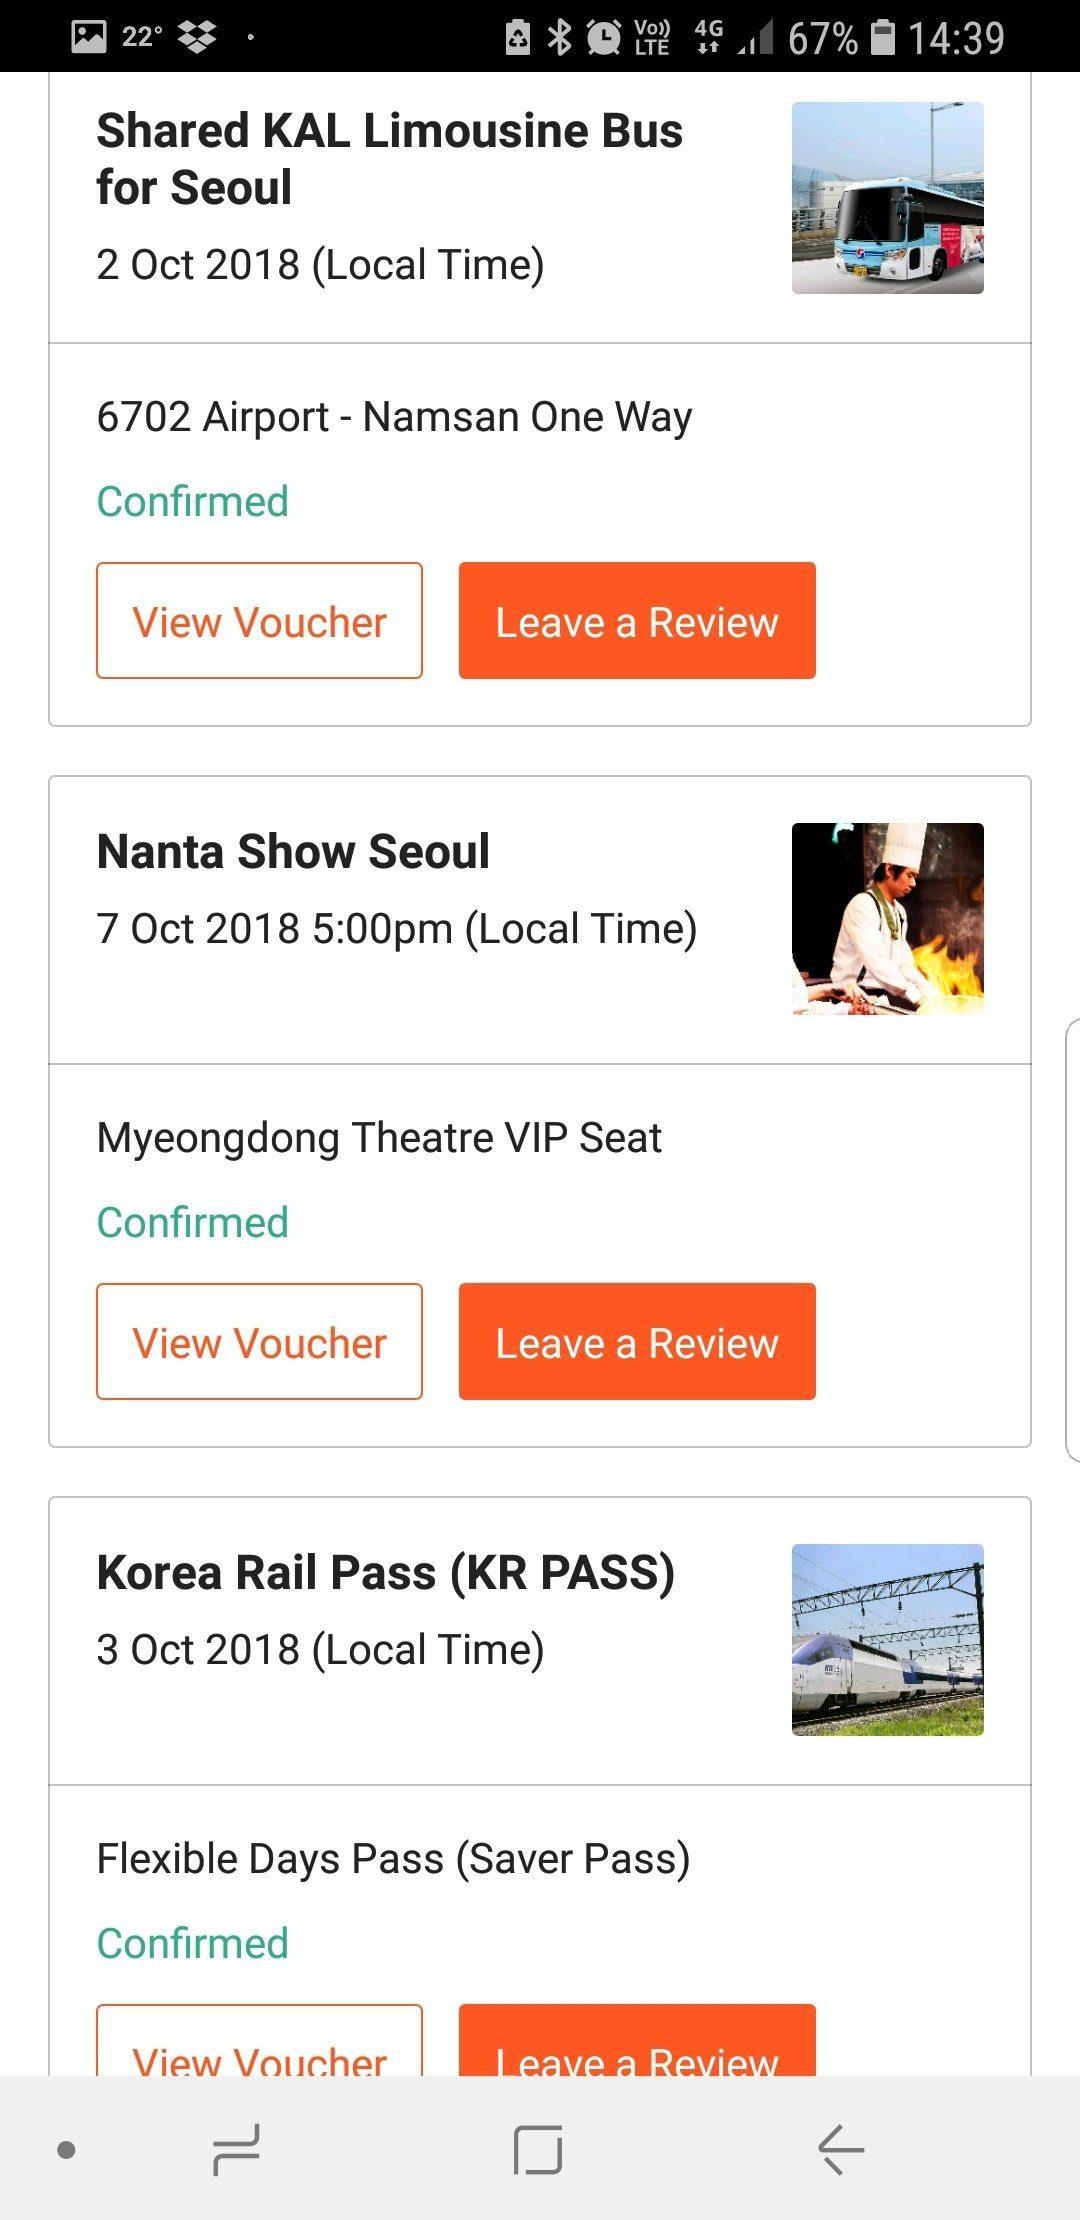 South Korea Trip Apps -Klook Bookings